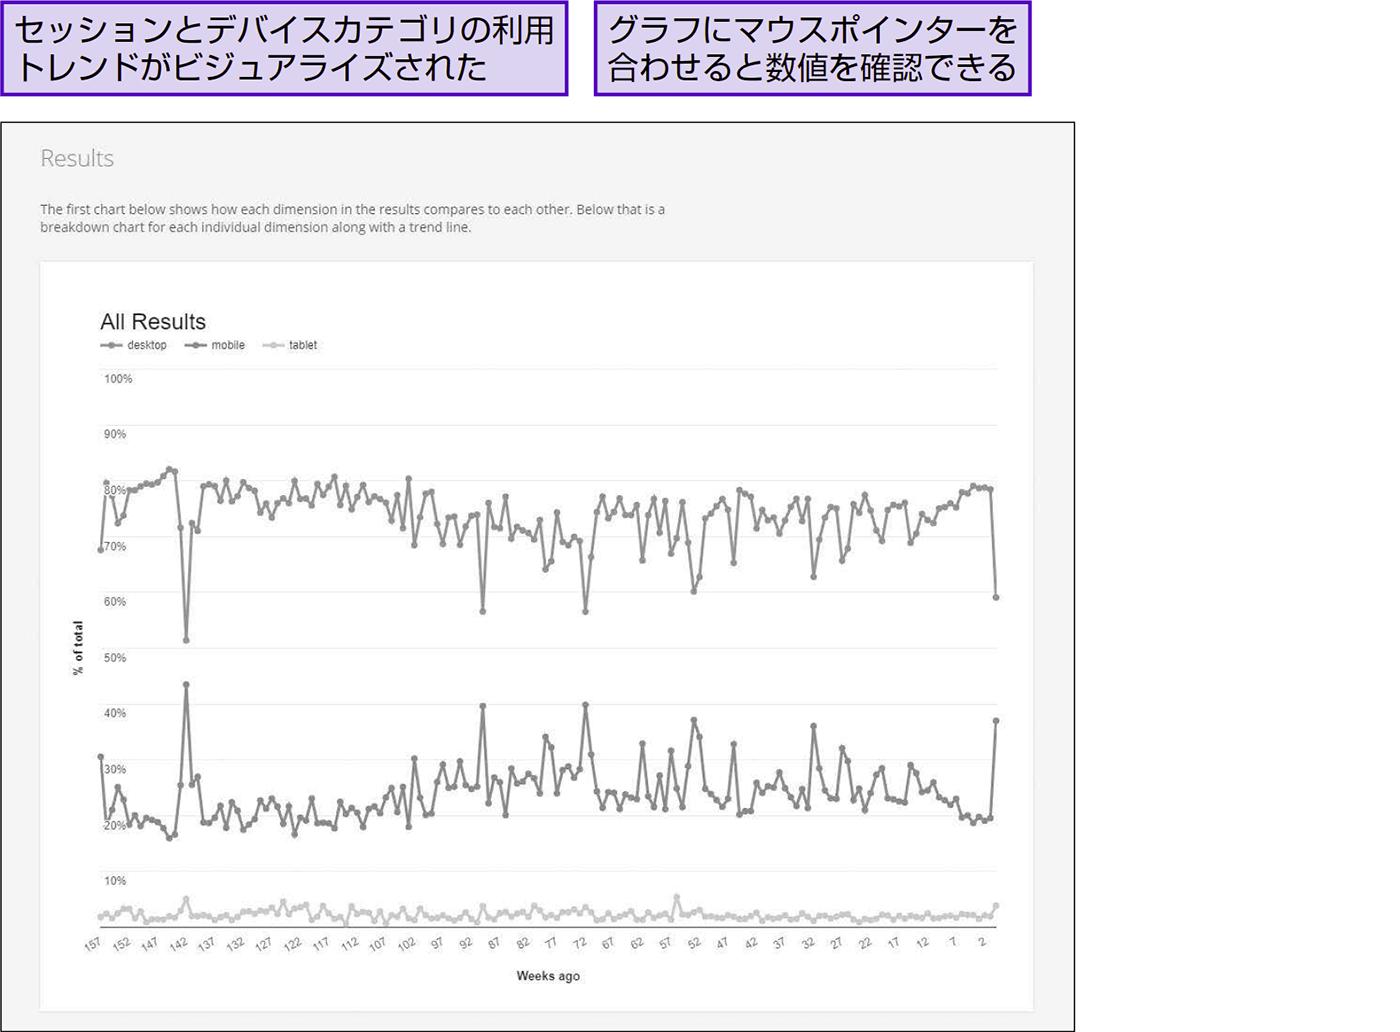 構成比の中期的な増減トレンドをすばやく可視化する - できる逆引き Googleアナリティクス 増補改訂2版